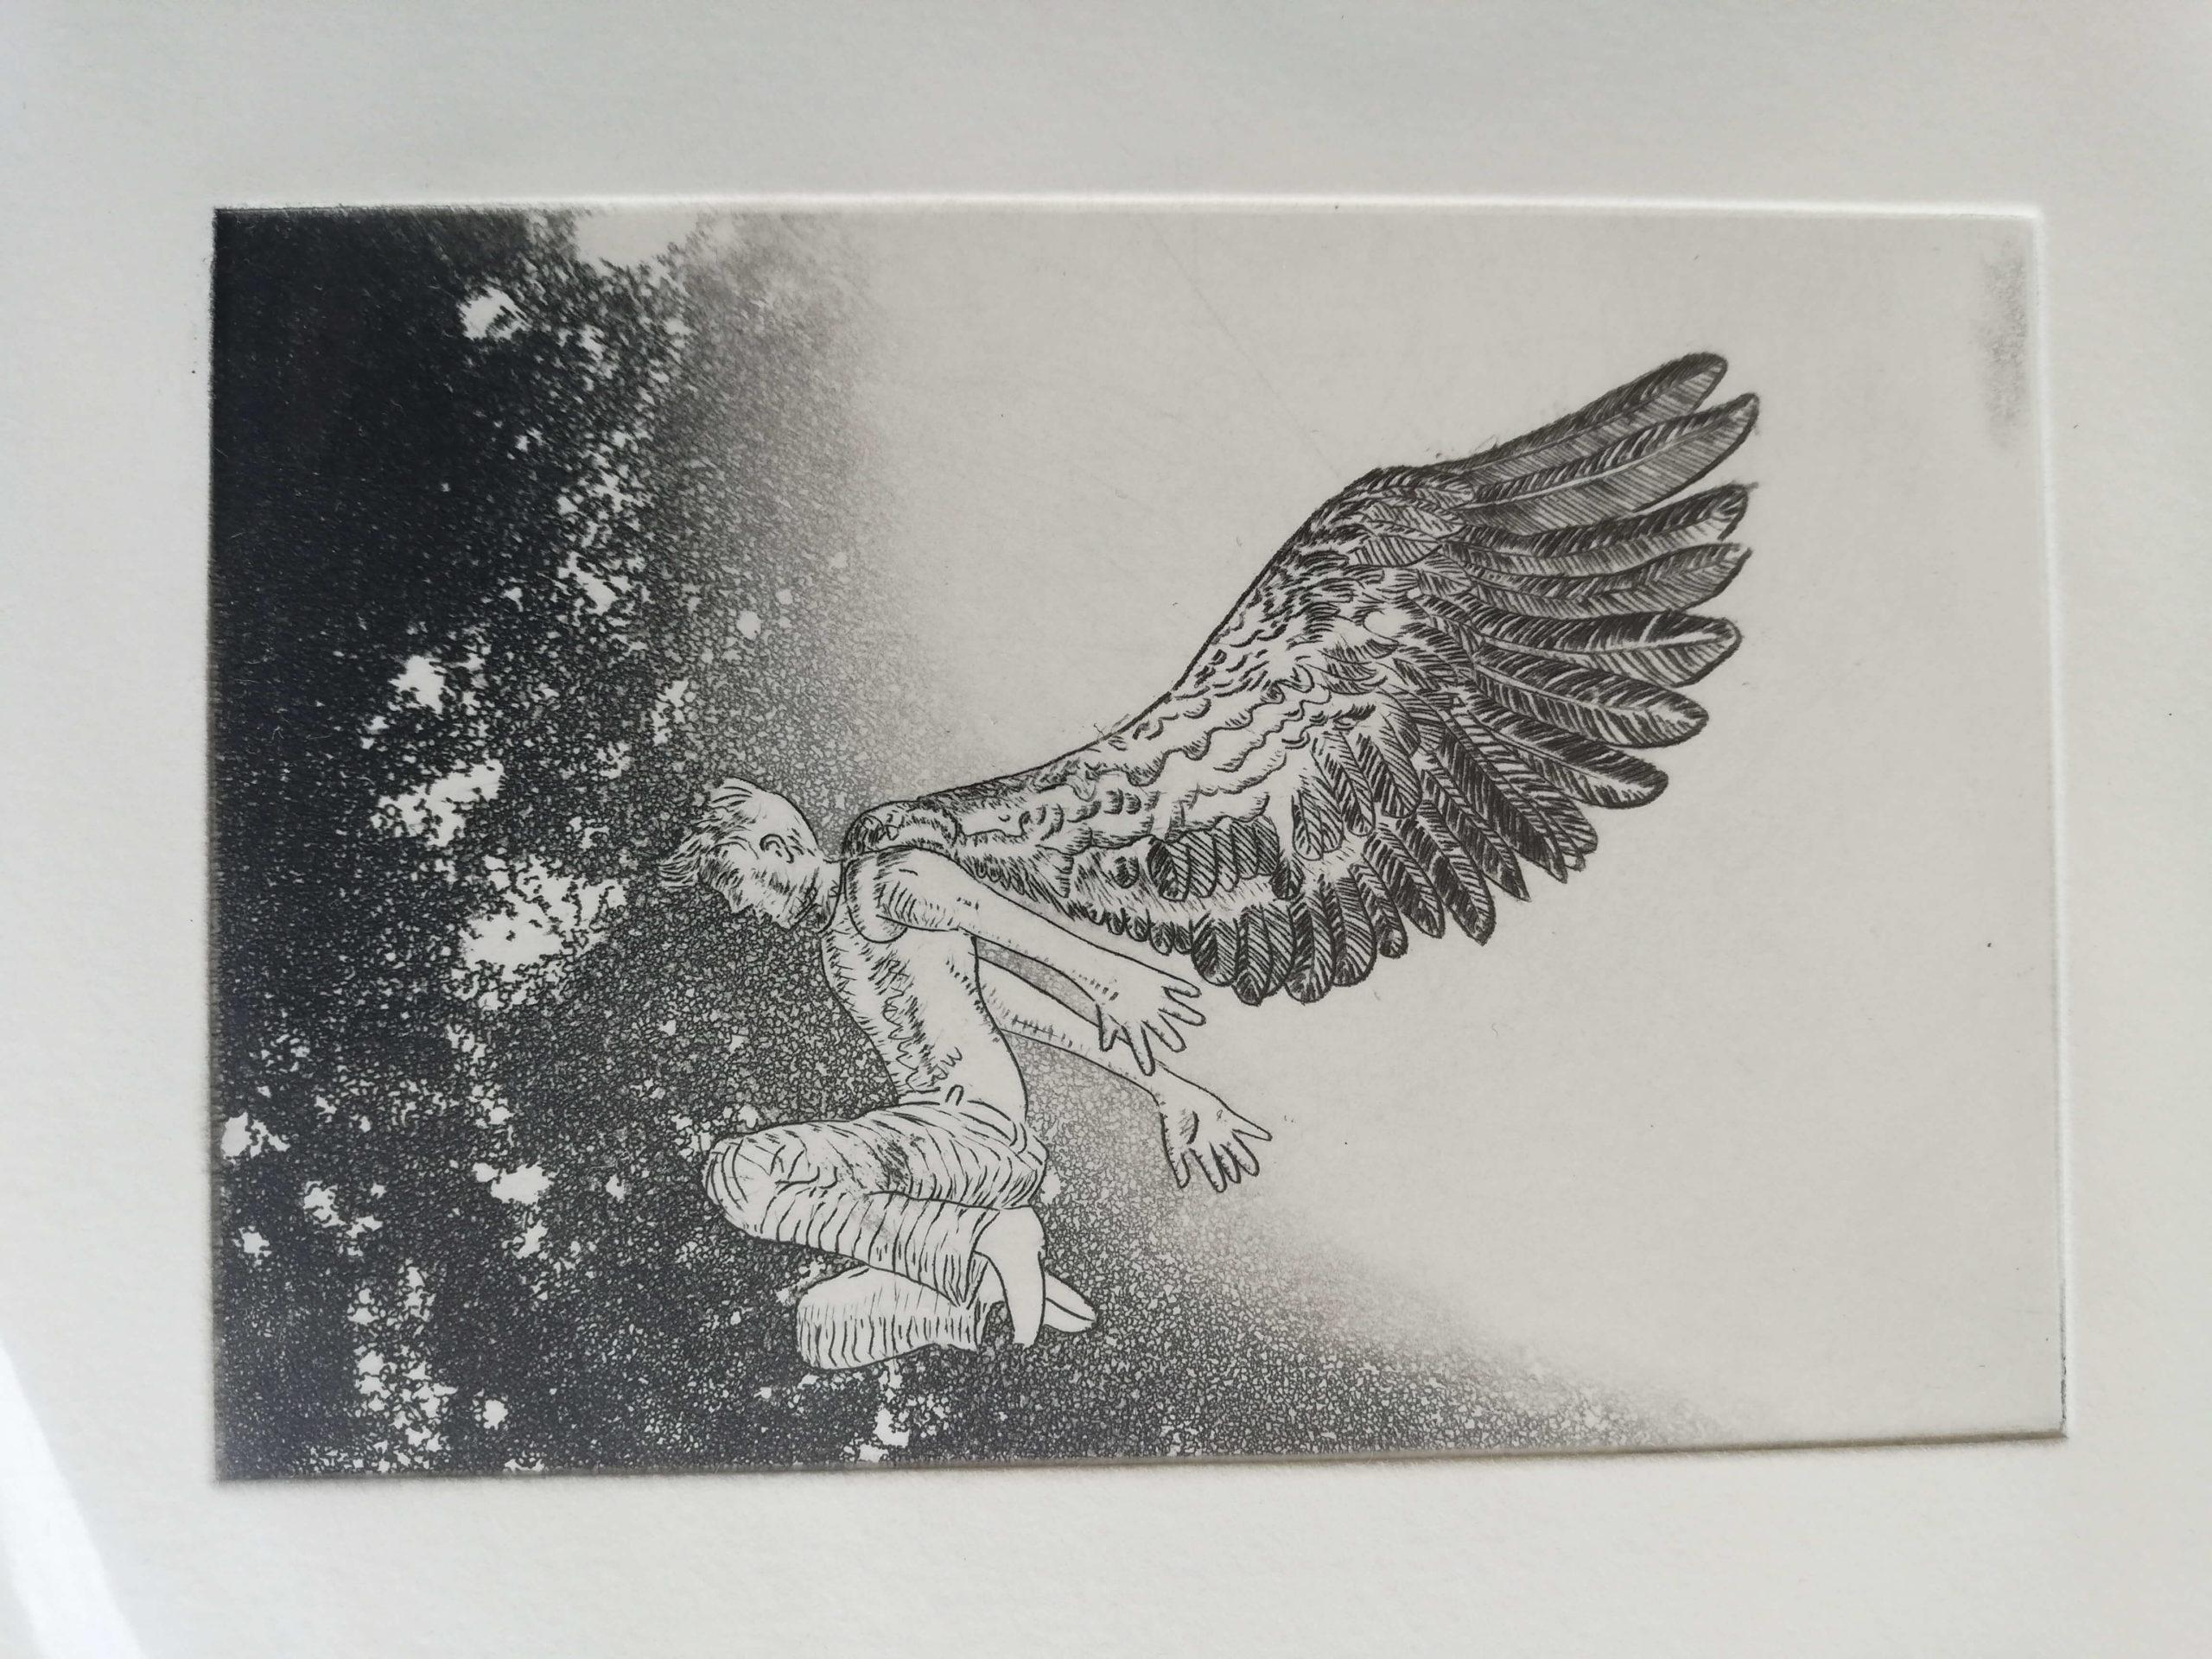 Le saut de l'ange engrave by Michel Puharré